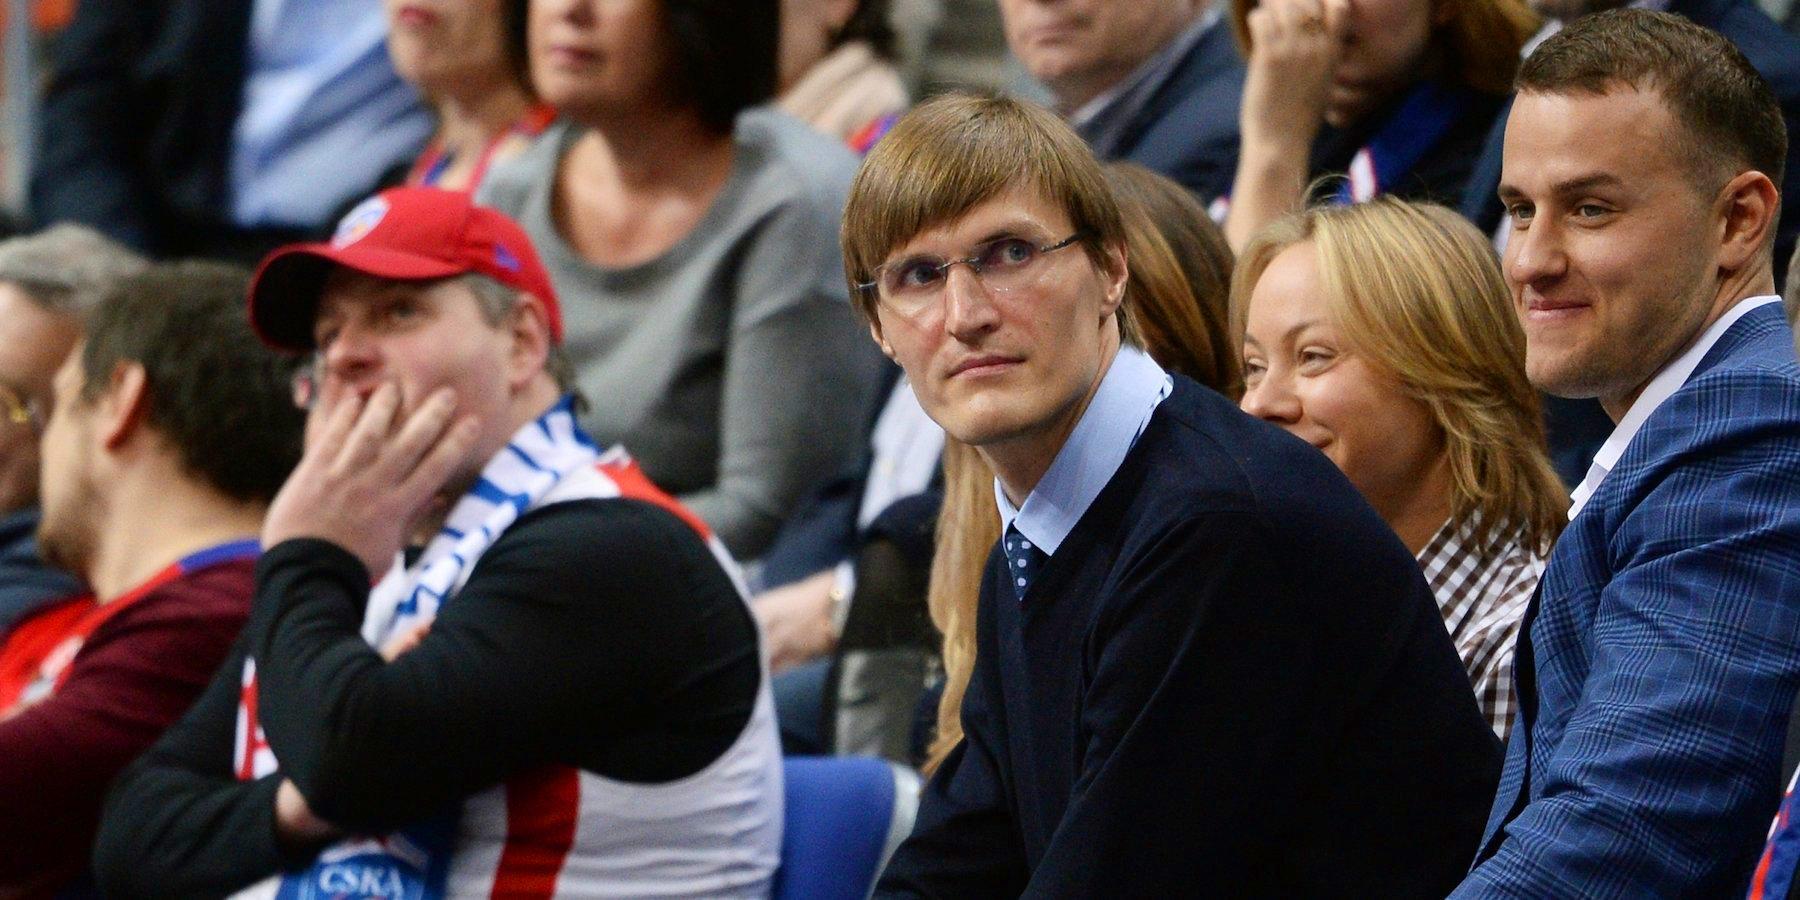 Андрей Кириленко: «В следующем сезоне РФБ заплатит клубам Единой лиги за доверие к молодым игрокам»